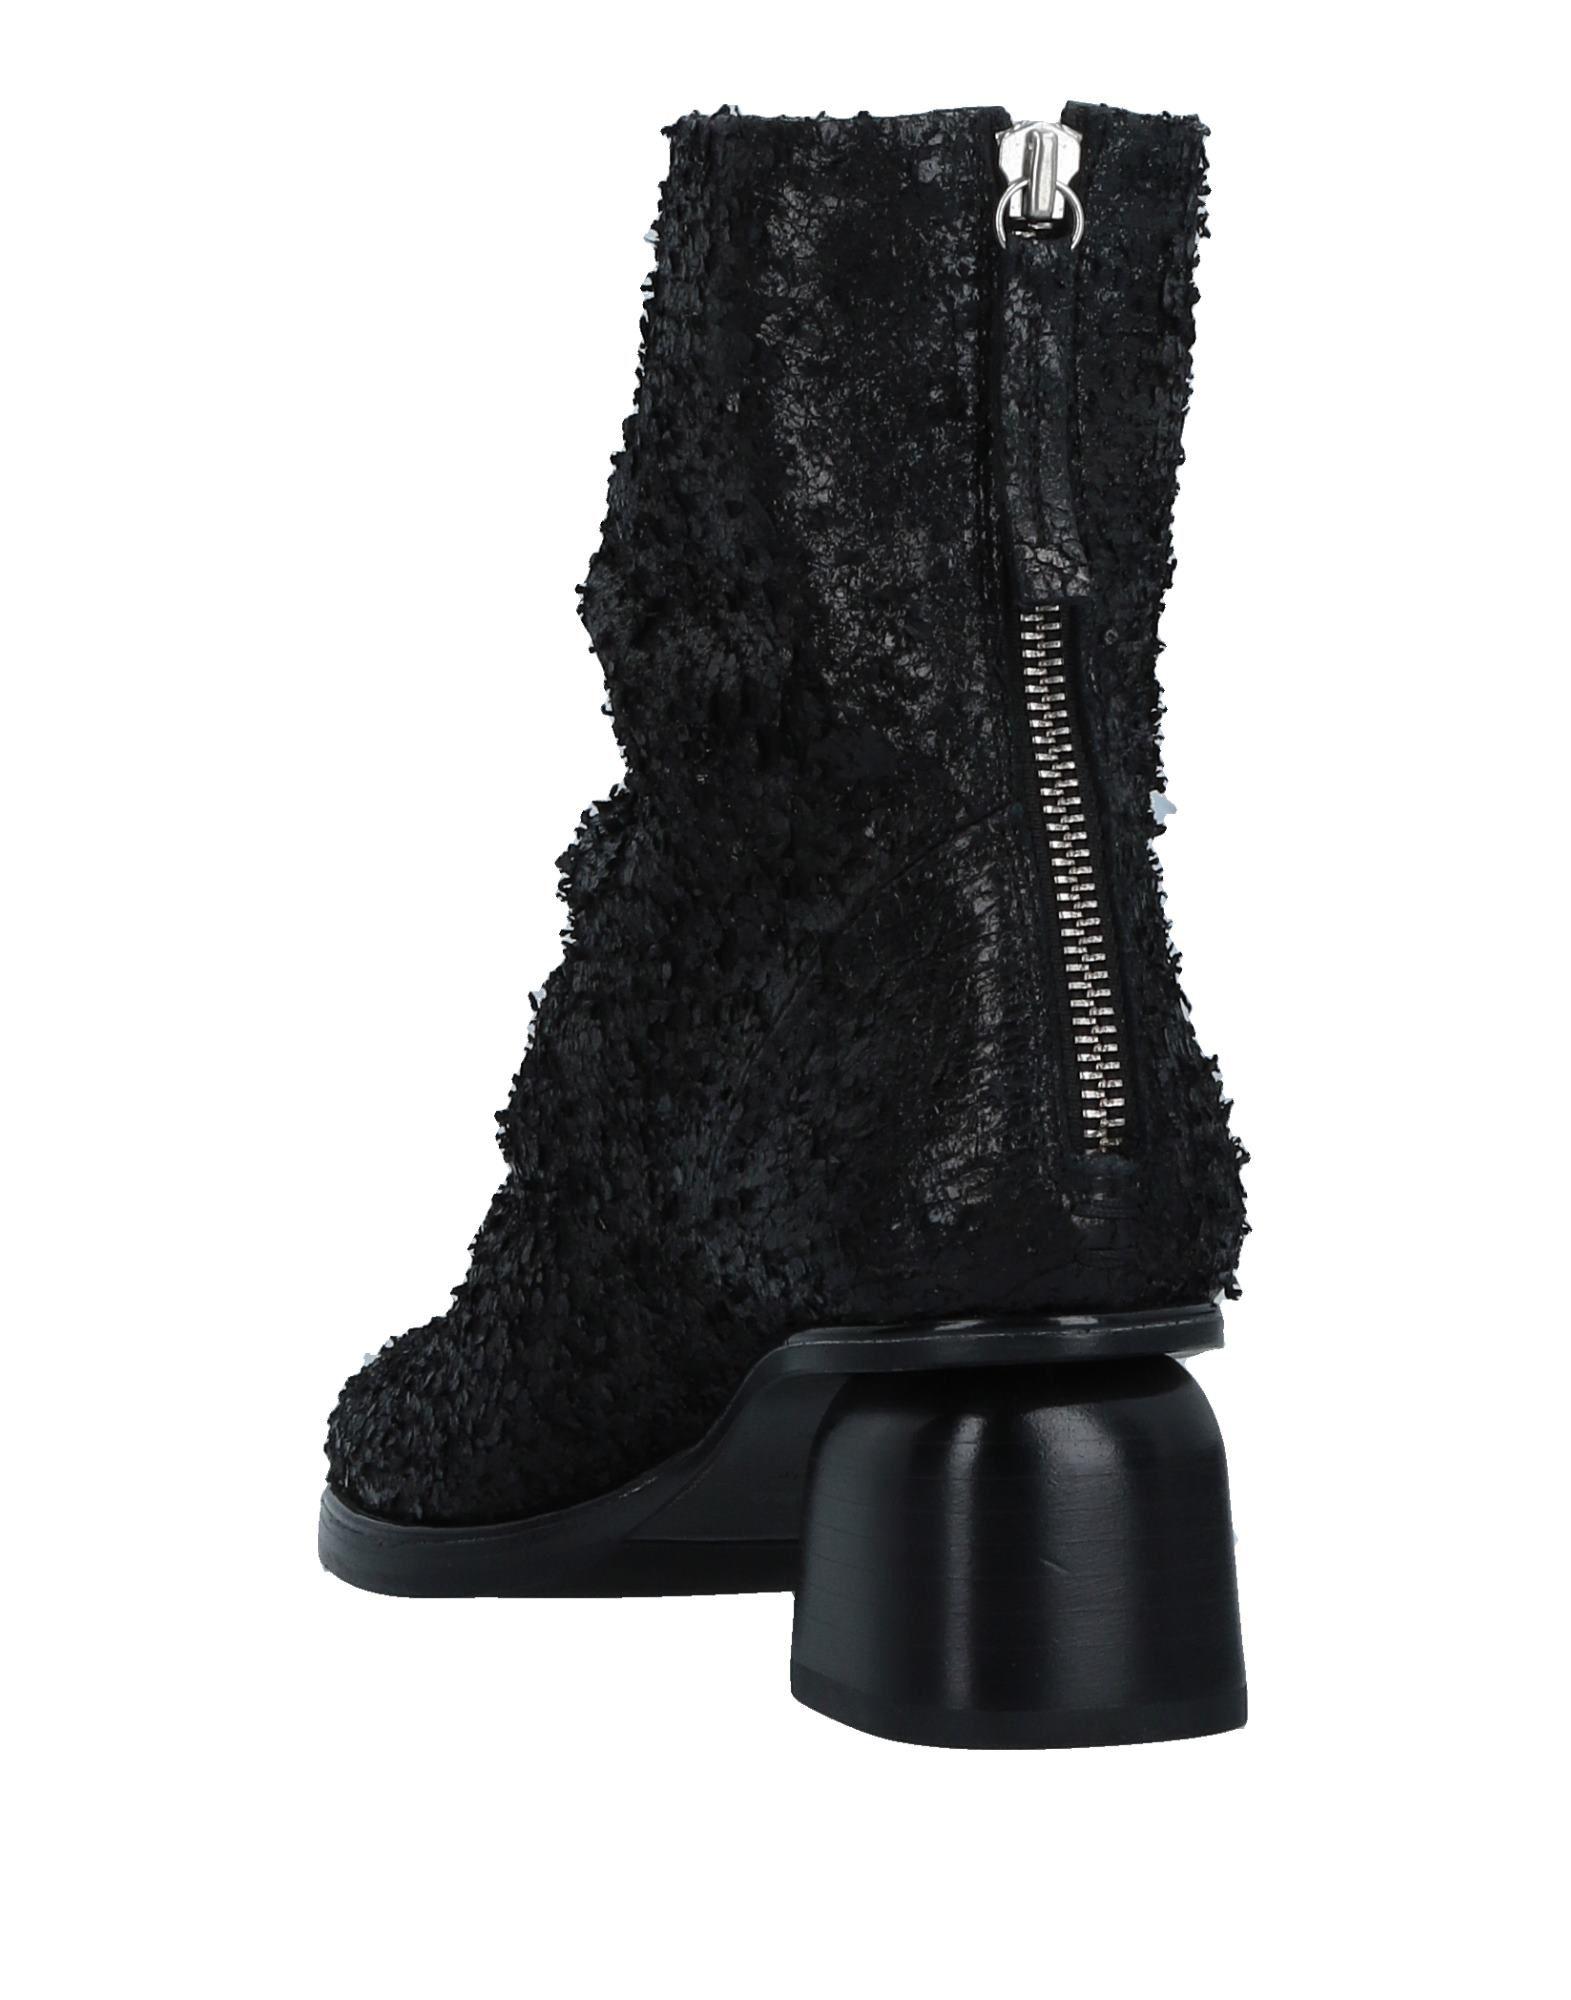 Stilvolle Damen billige Schuhe Halmanera Stiefelette Damen Stilvolle  11515905BM 39beb1